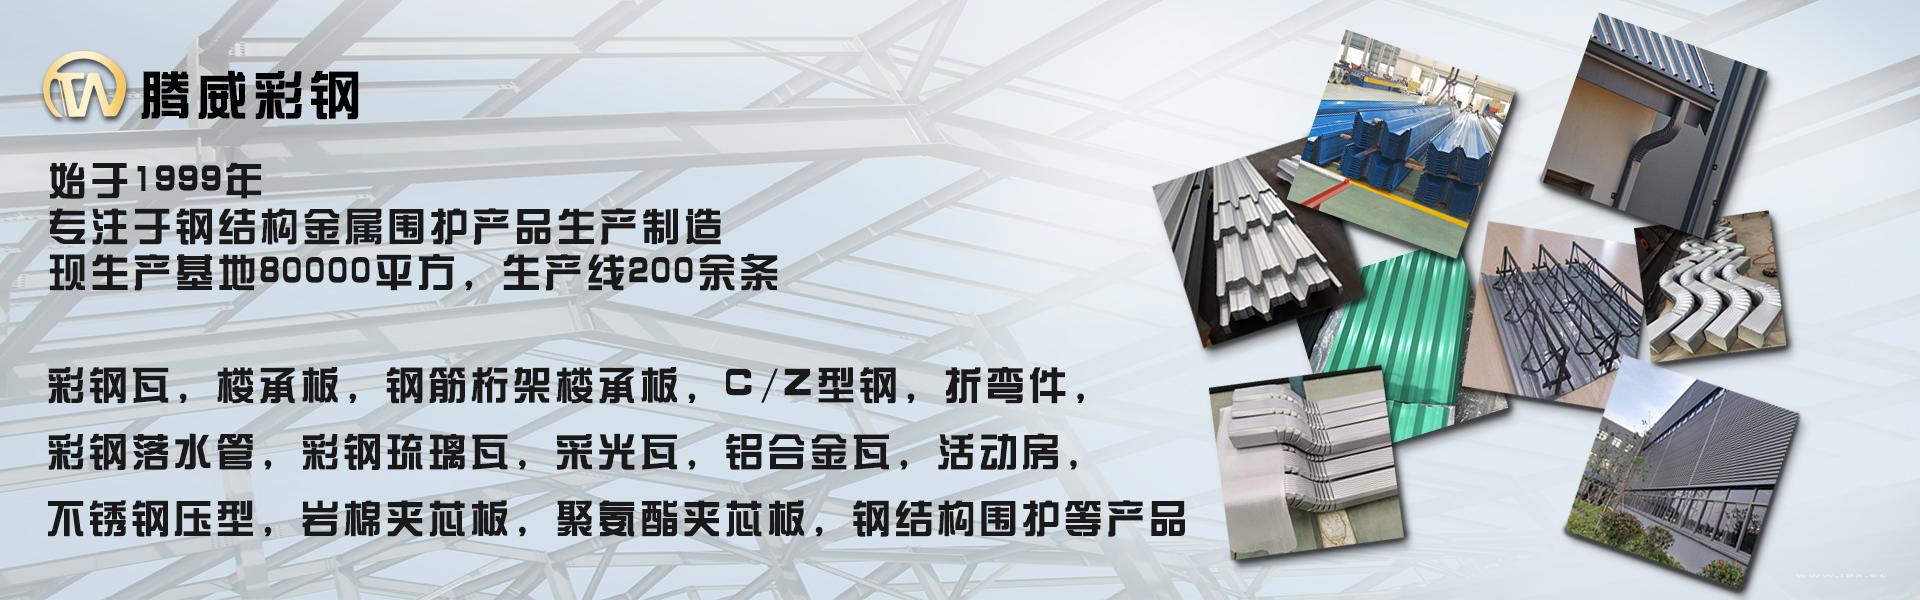 南通碧水新材料东森游戏主管技东森游戏主管